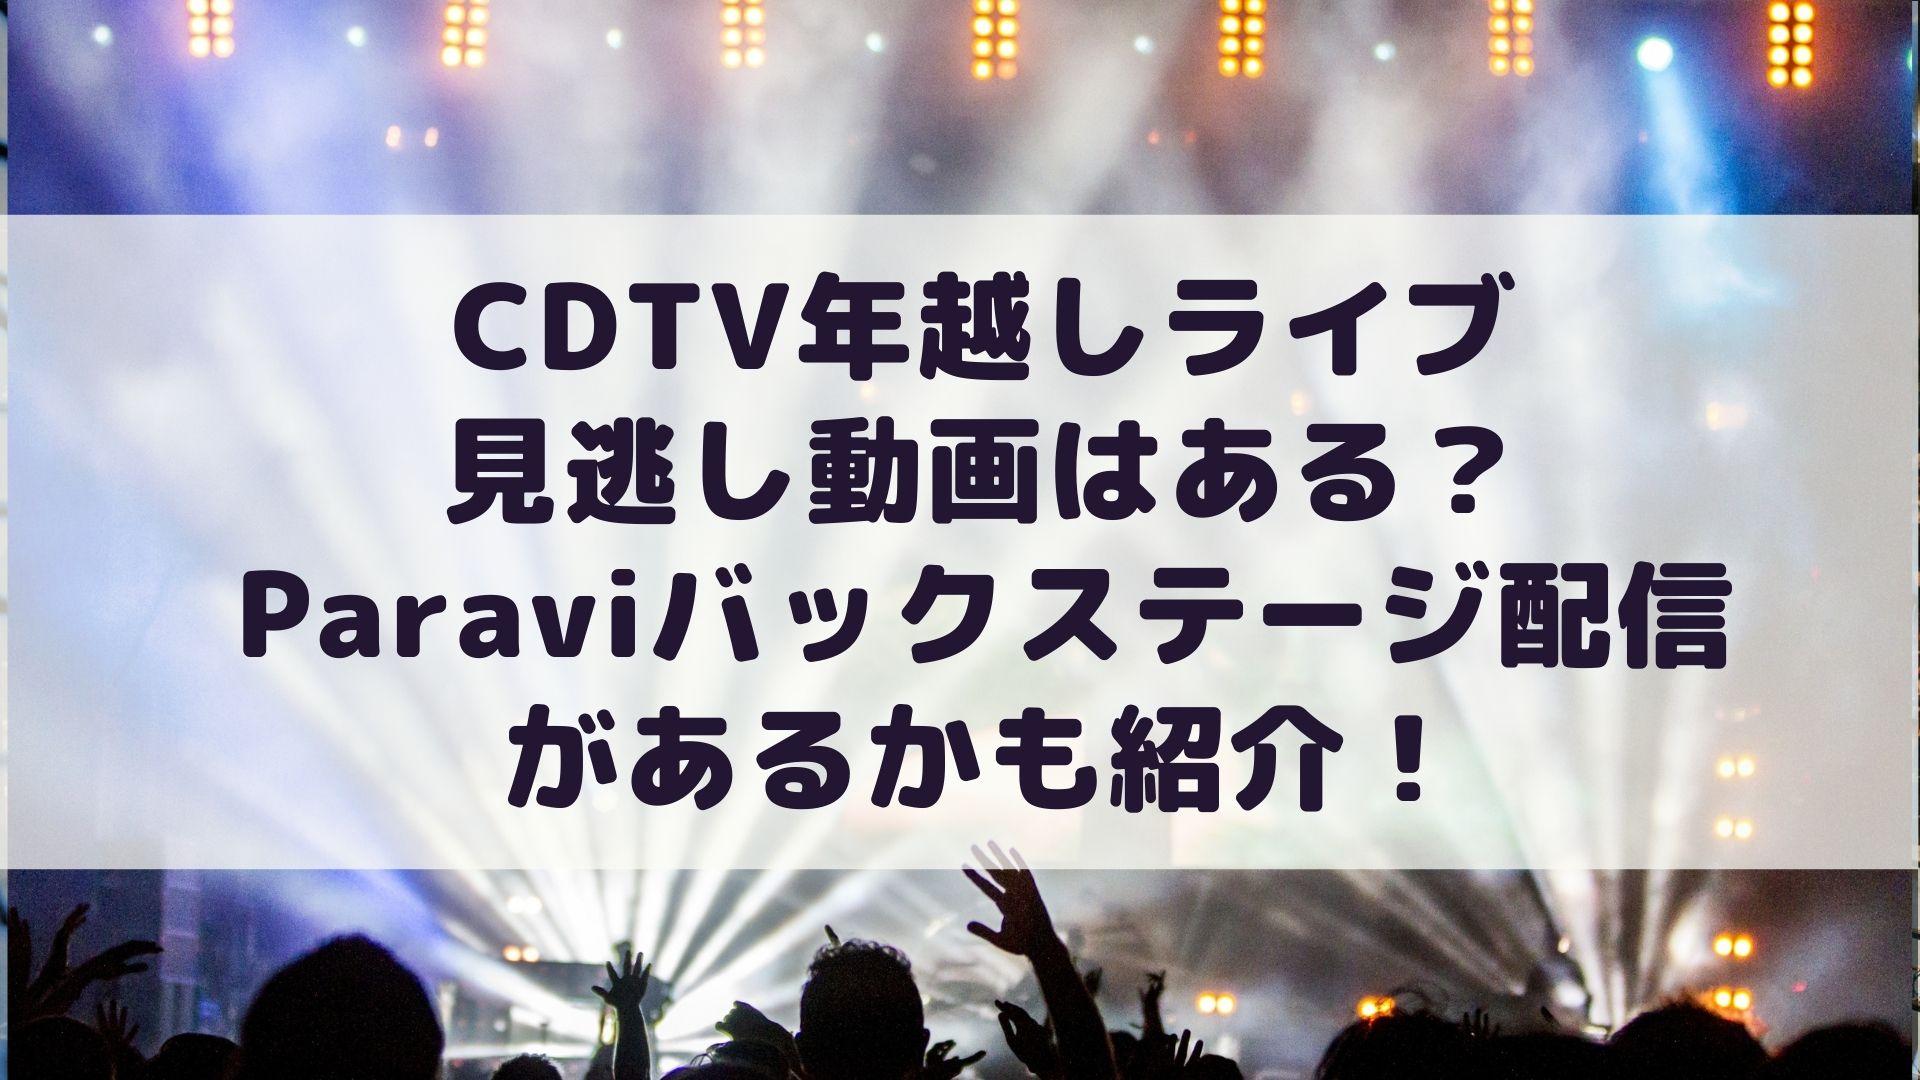 CDTV年越しライブ2021の見逃し動画はある?Paraviリアルタイム配信があるかも紹介!タイトル画像